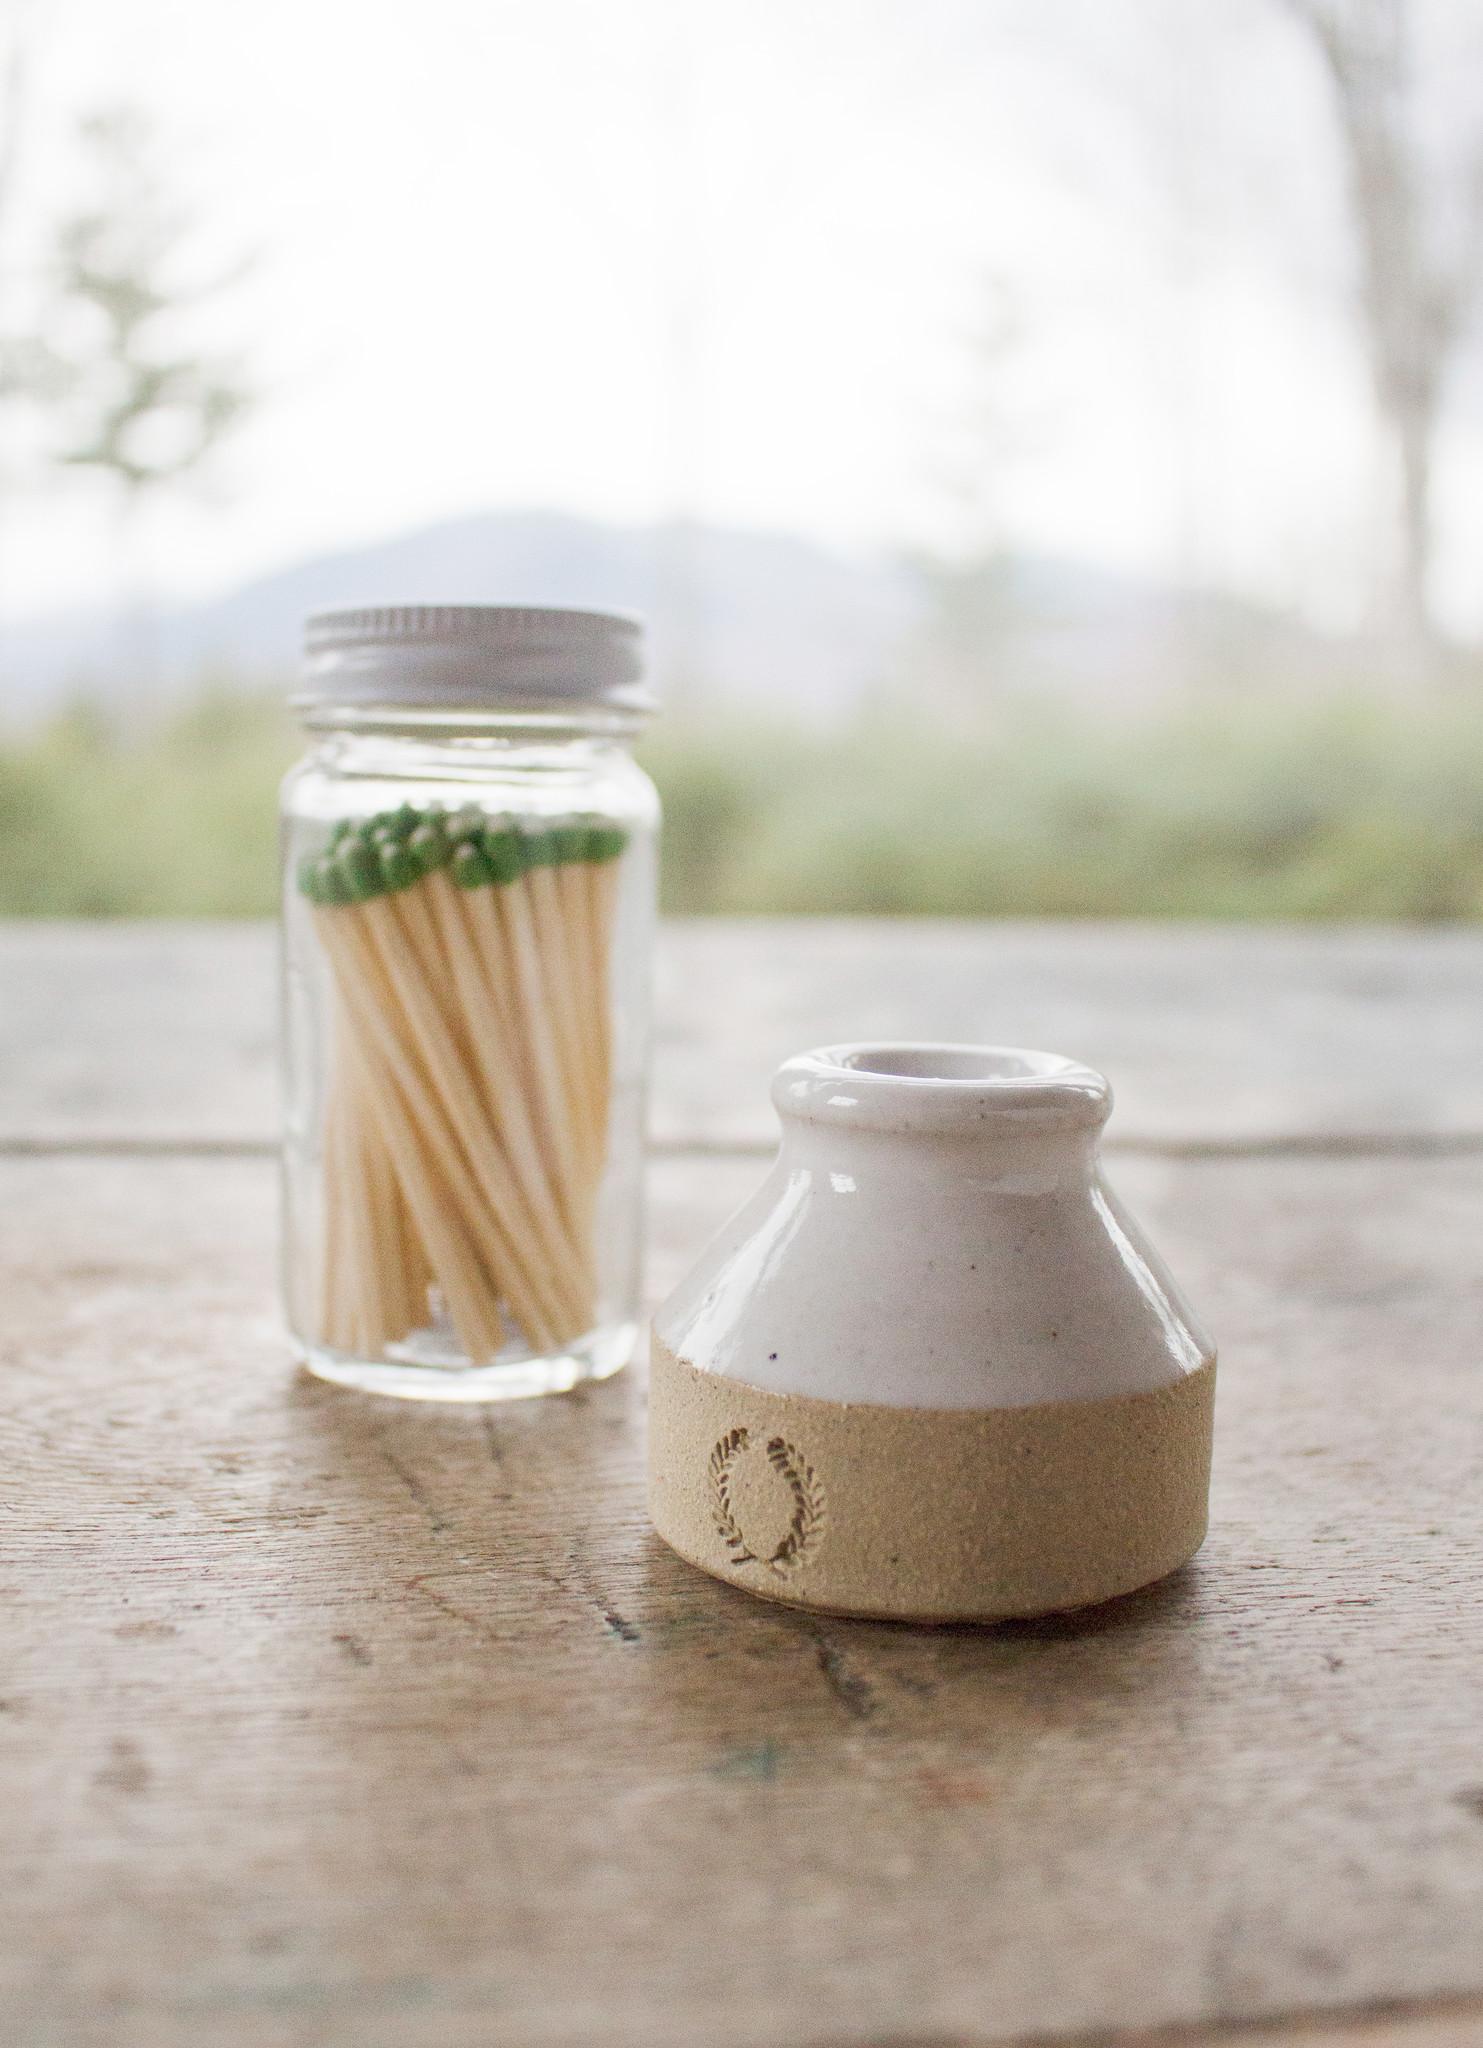 The Birch Store Milk Bottle Match Striker